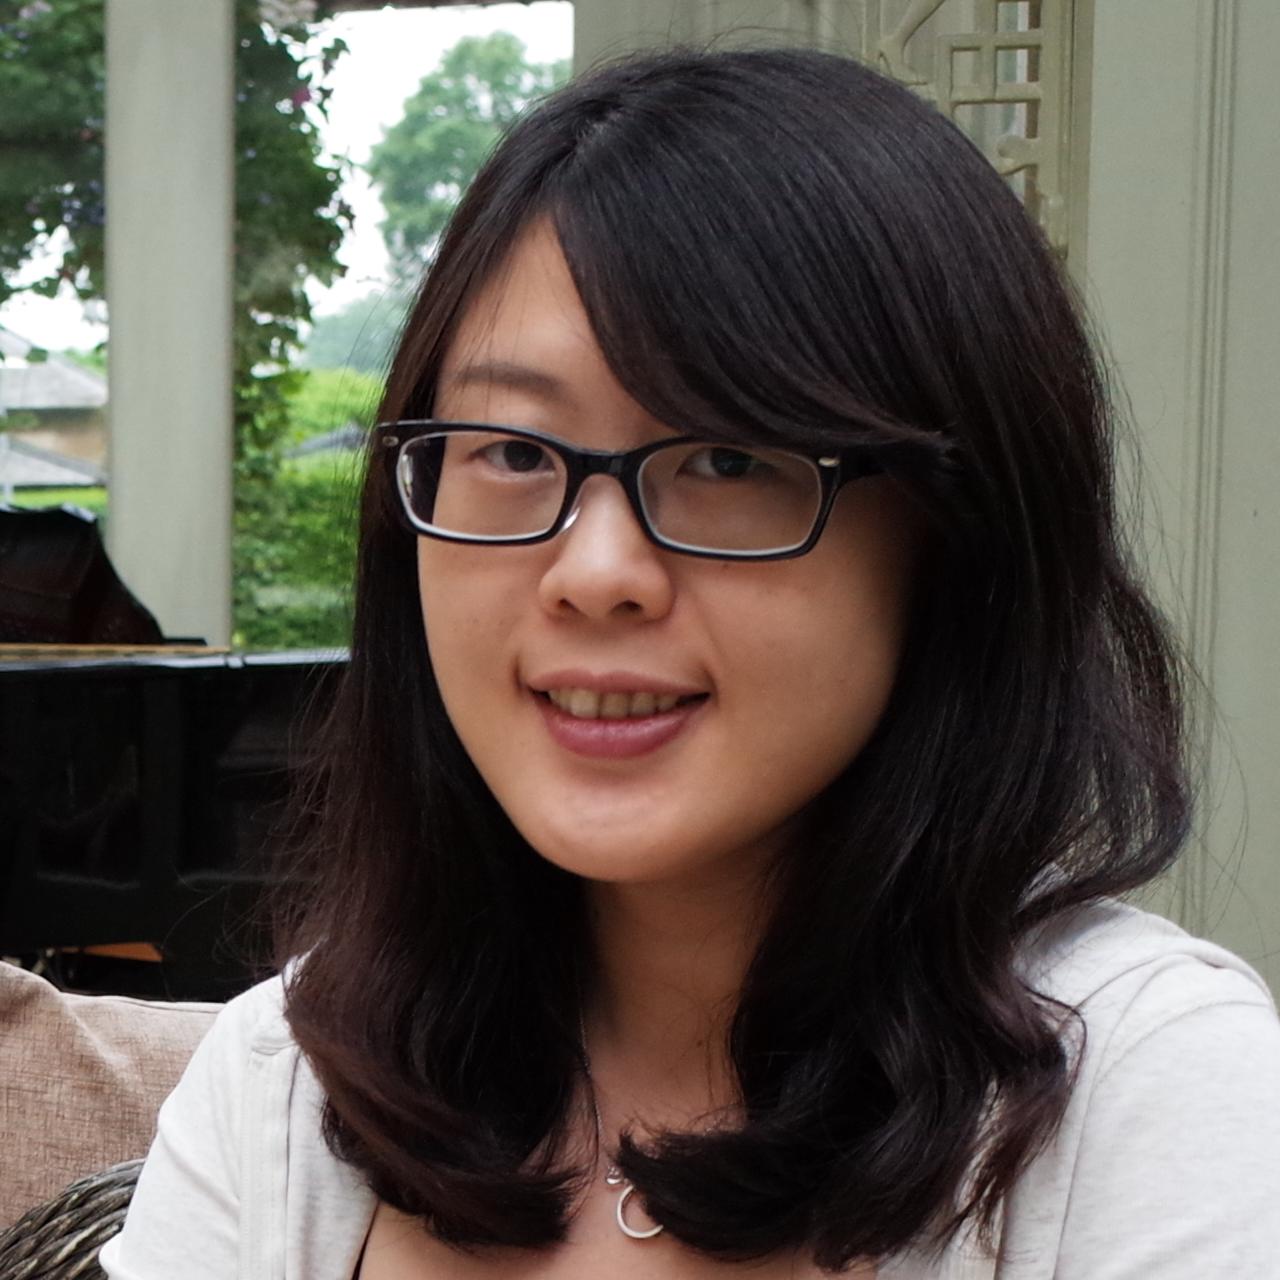 Copy of Hui-kuan Chung (NYU)